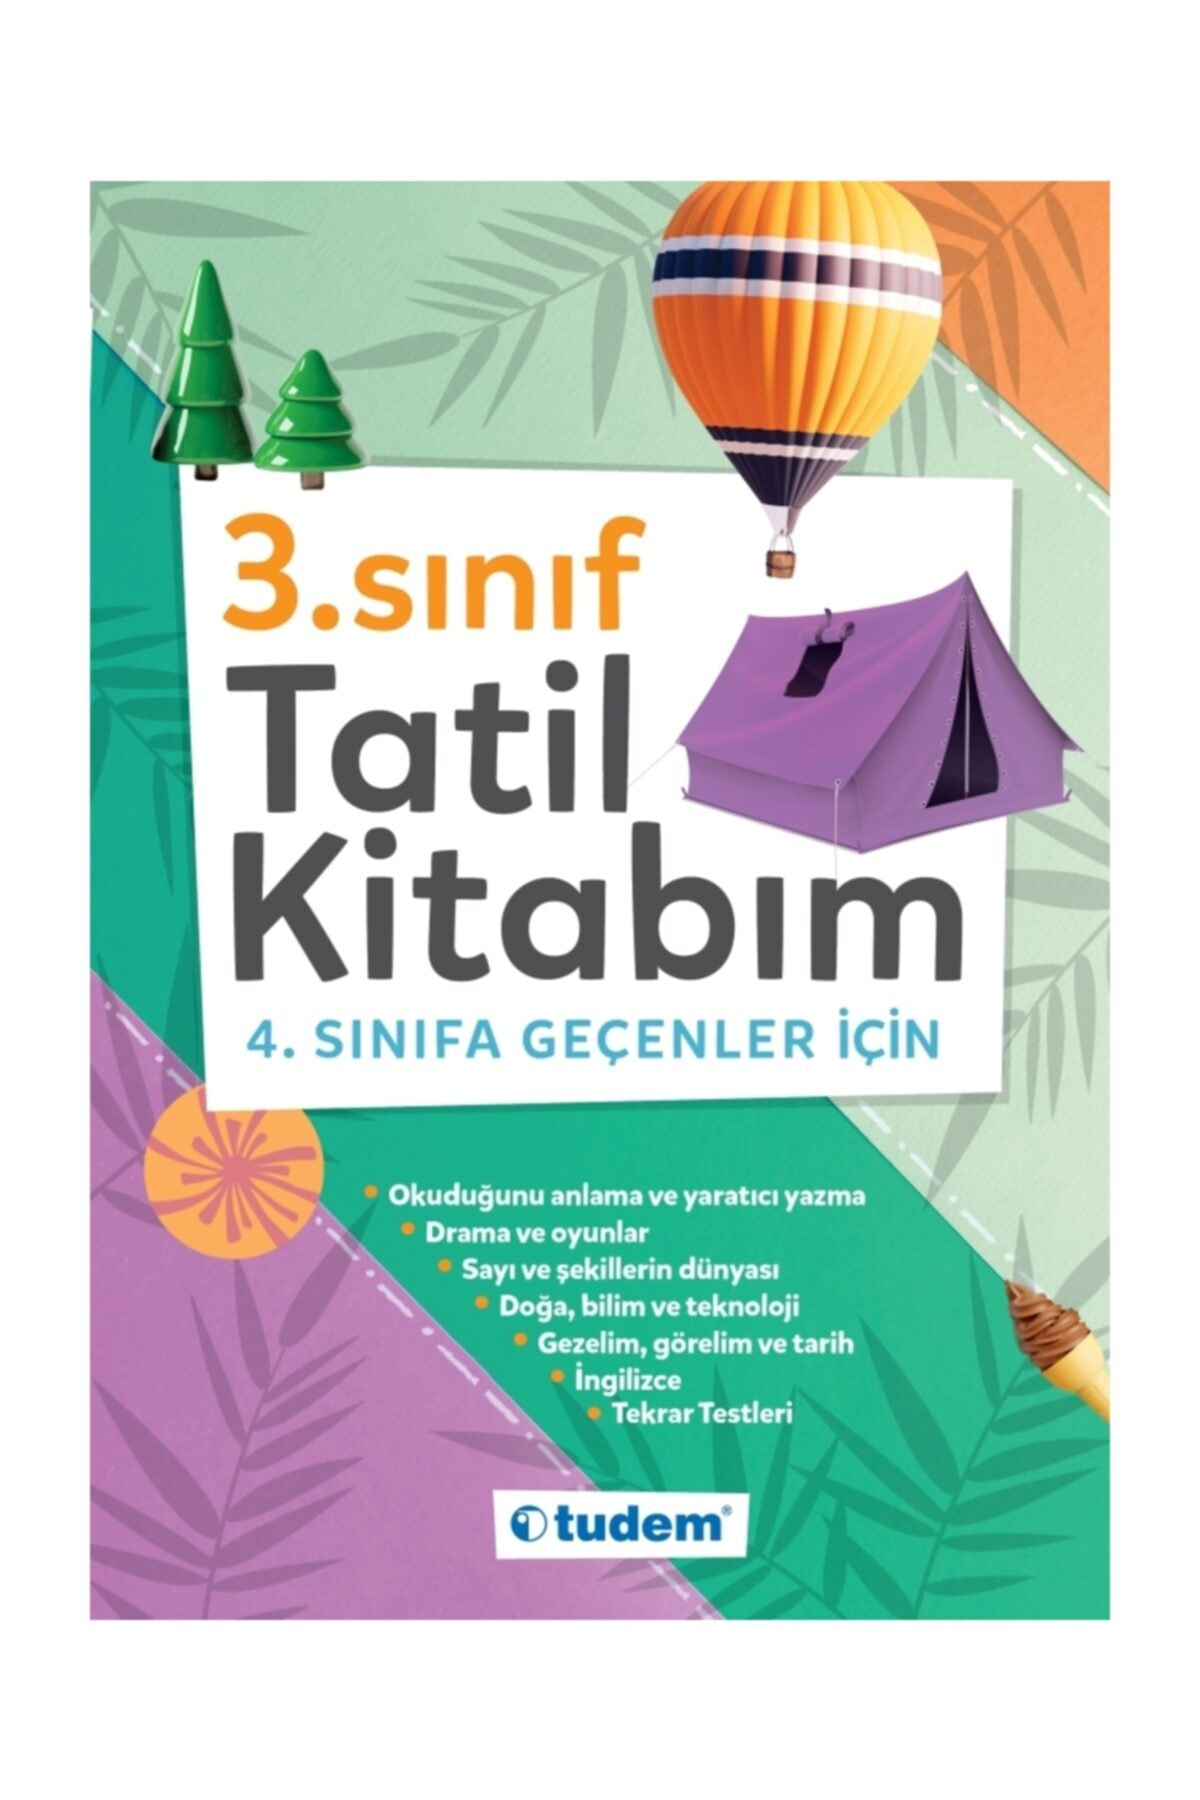 Tudem Yayınları - Ders Kitapları 3.sınıf Tatil Kitabım 1